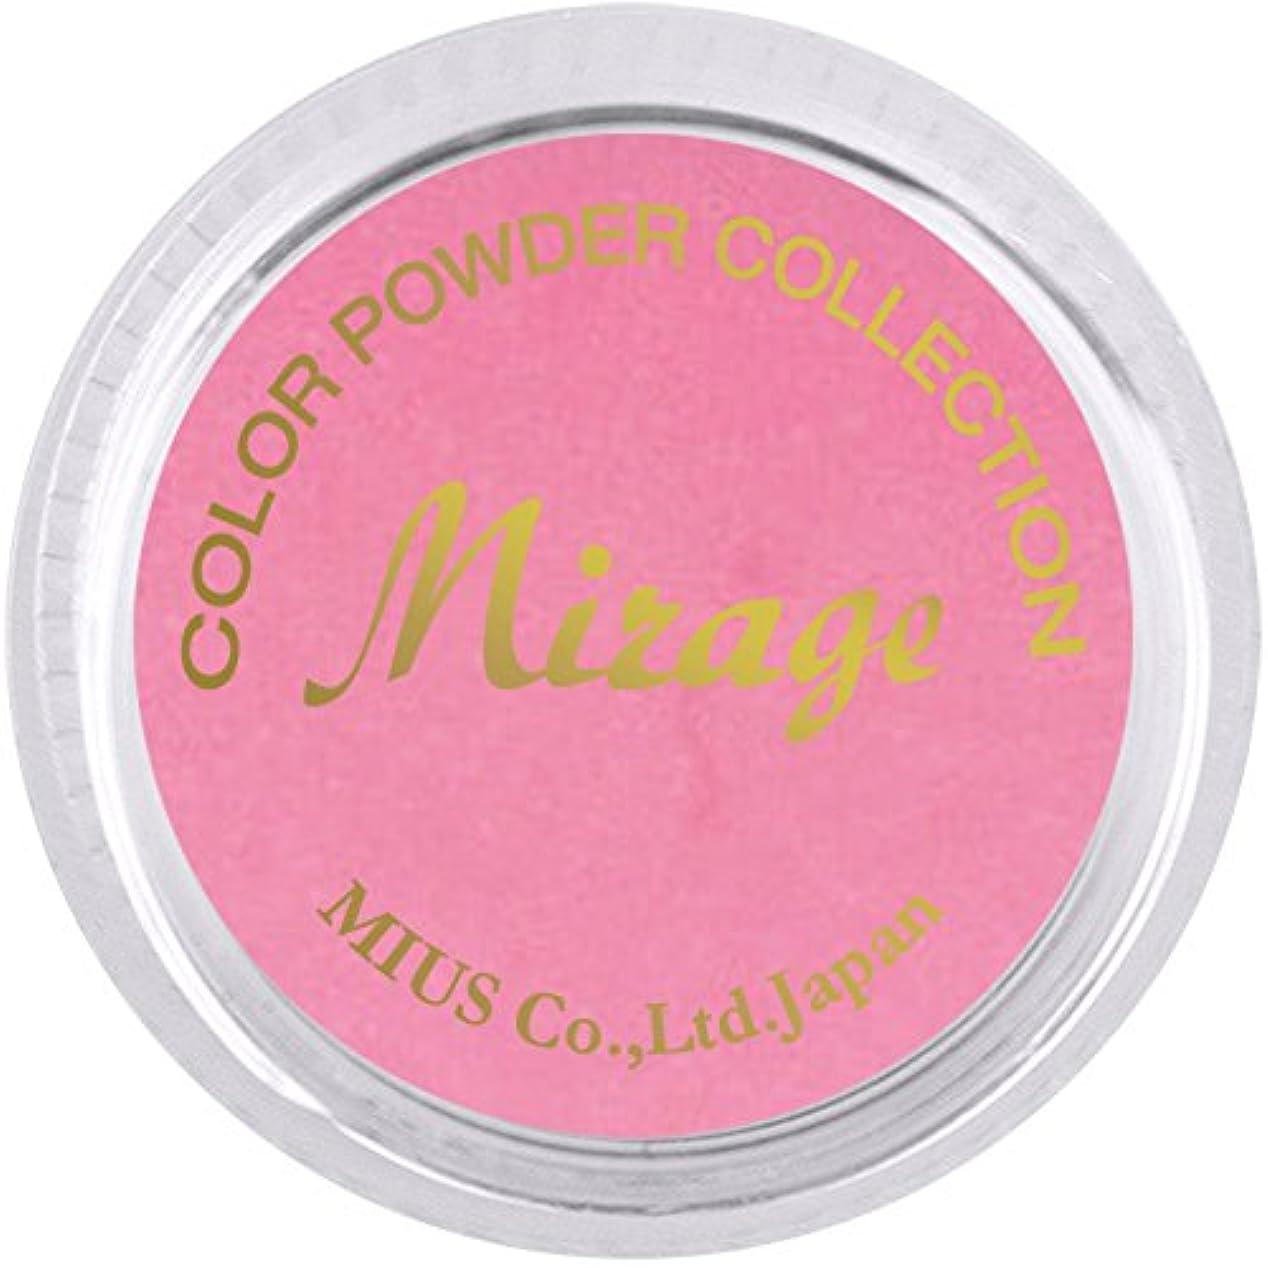 精神的に文化光沢のあるミラージュ カラーパウダー N/WPG-4  7g  アクリルパウダー ピンクのグラデーションカラー